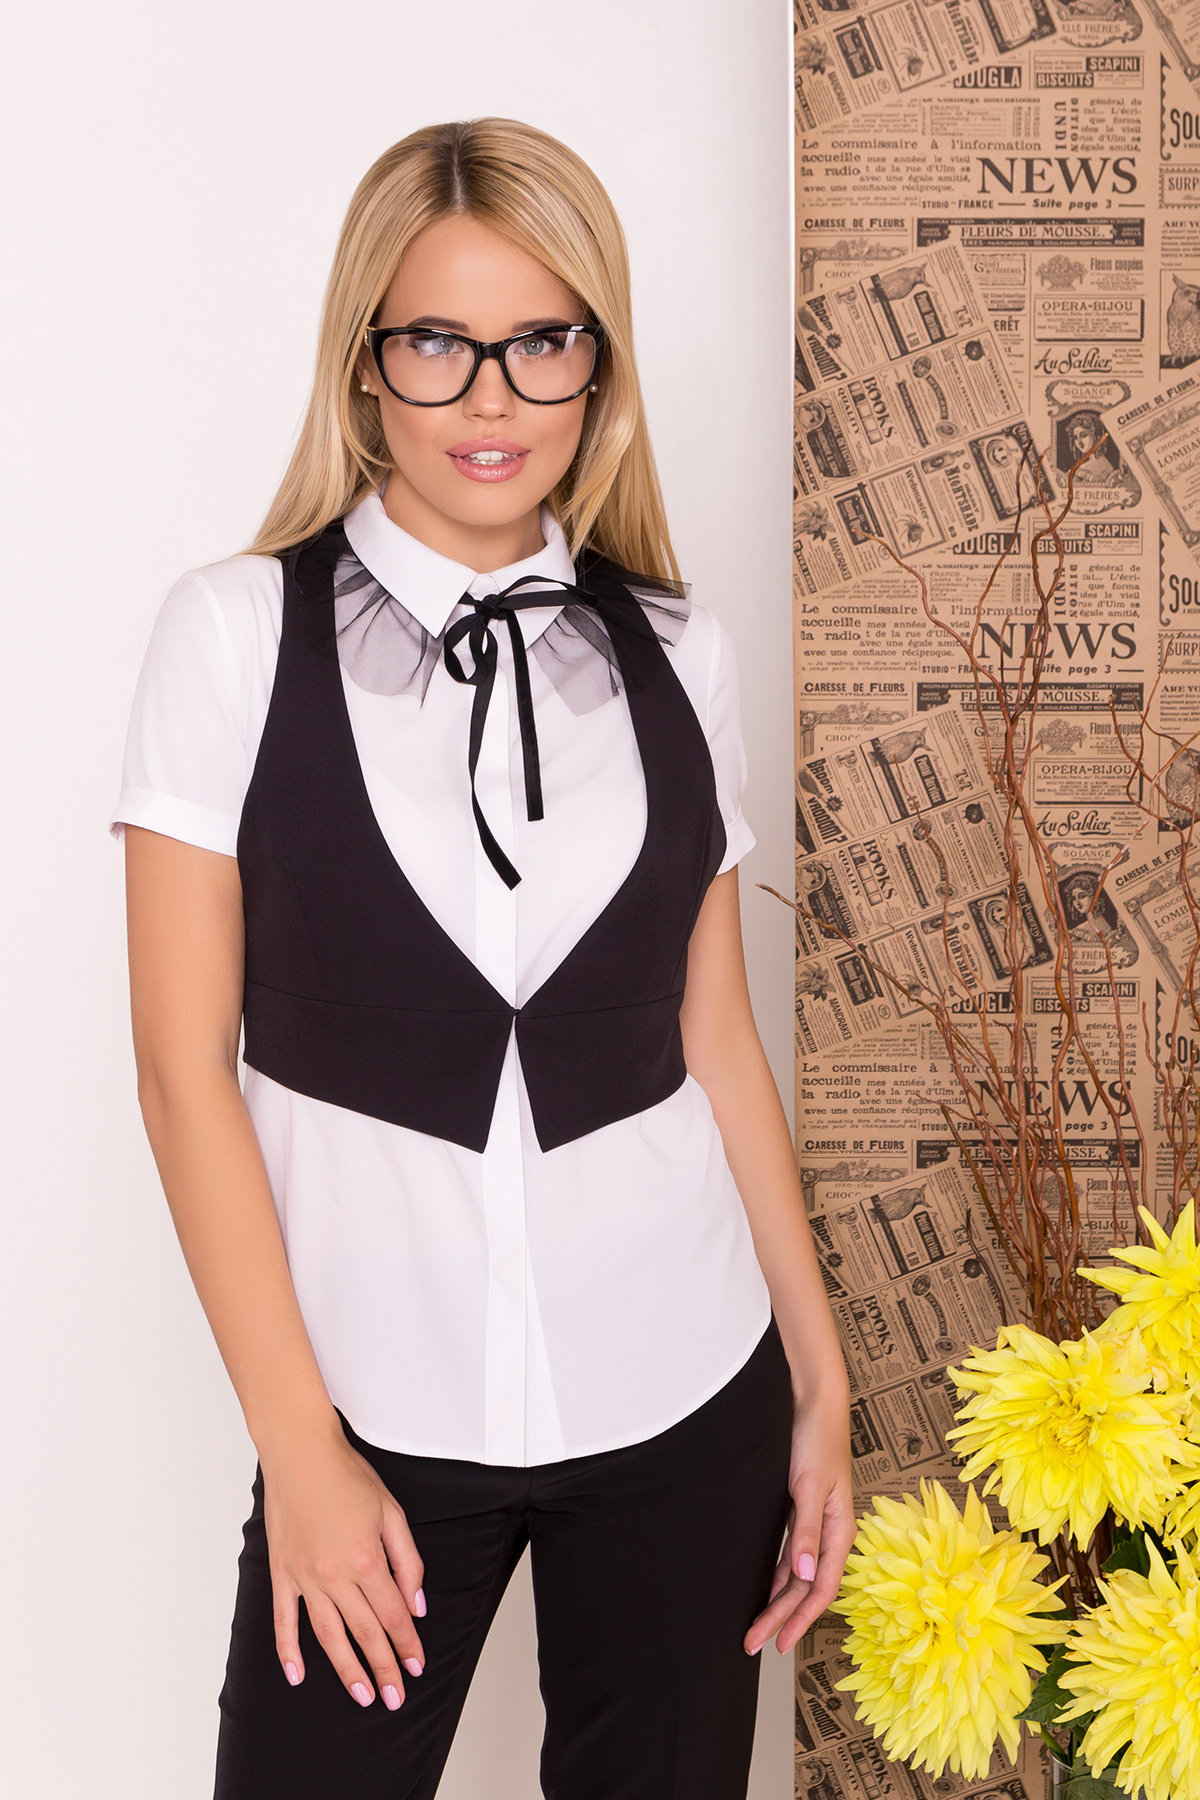 Блузка с жилетом Джетта 7794 АРТ. 43664 Цвет: Белый/черный - фото 4, интернет магазин tm-modus.ru